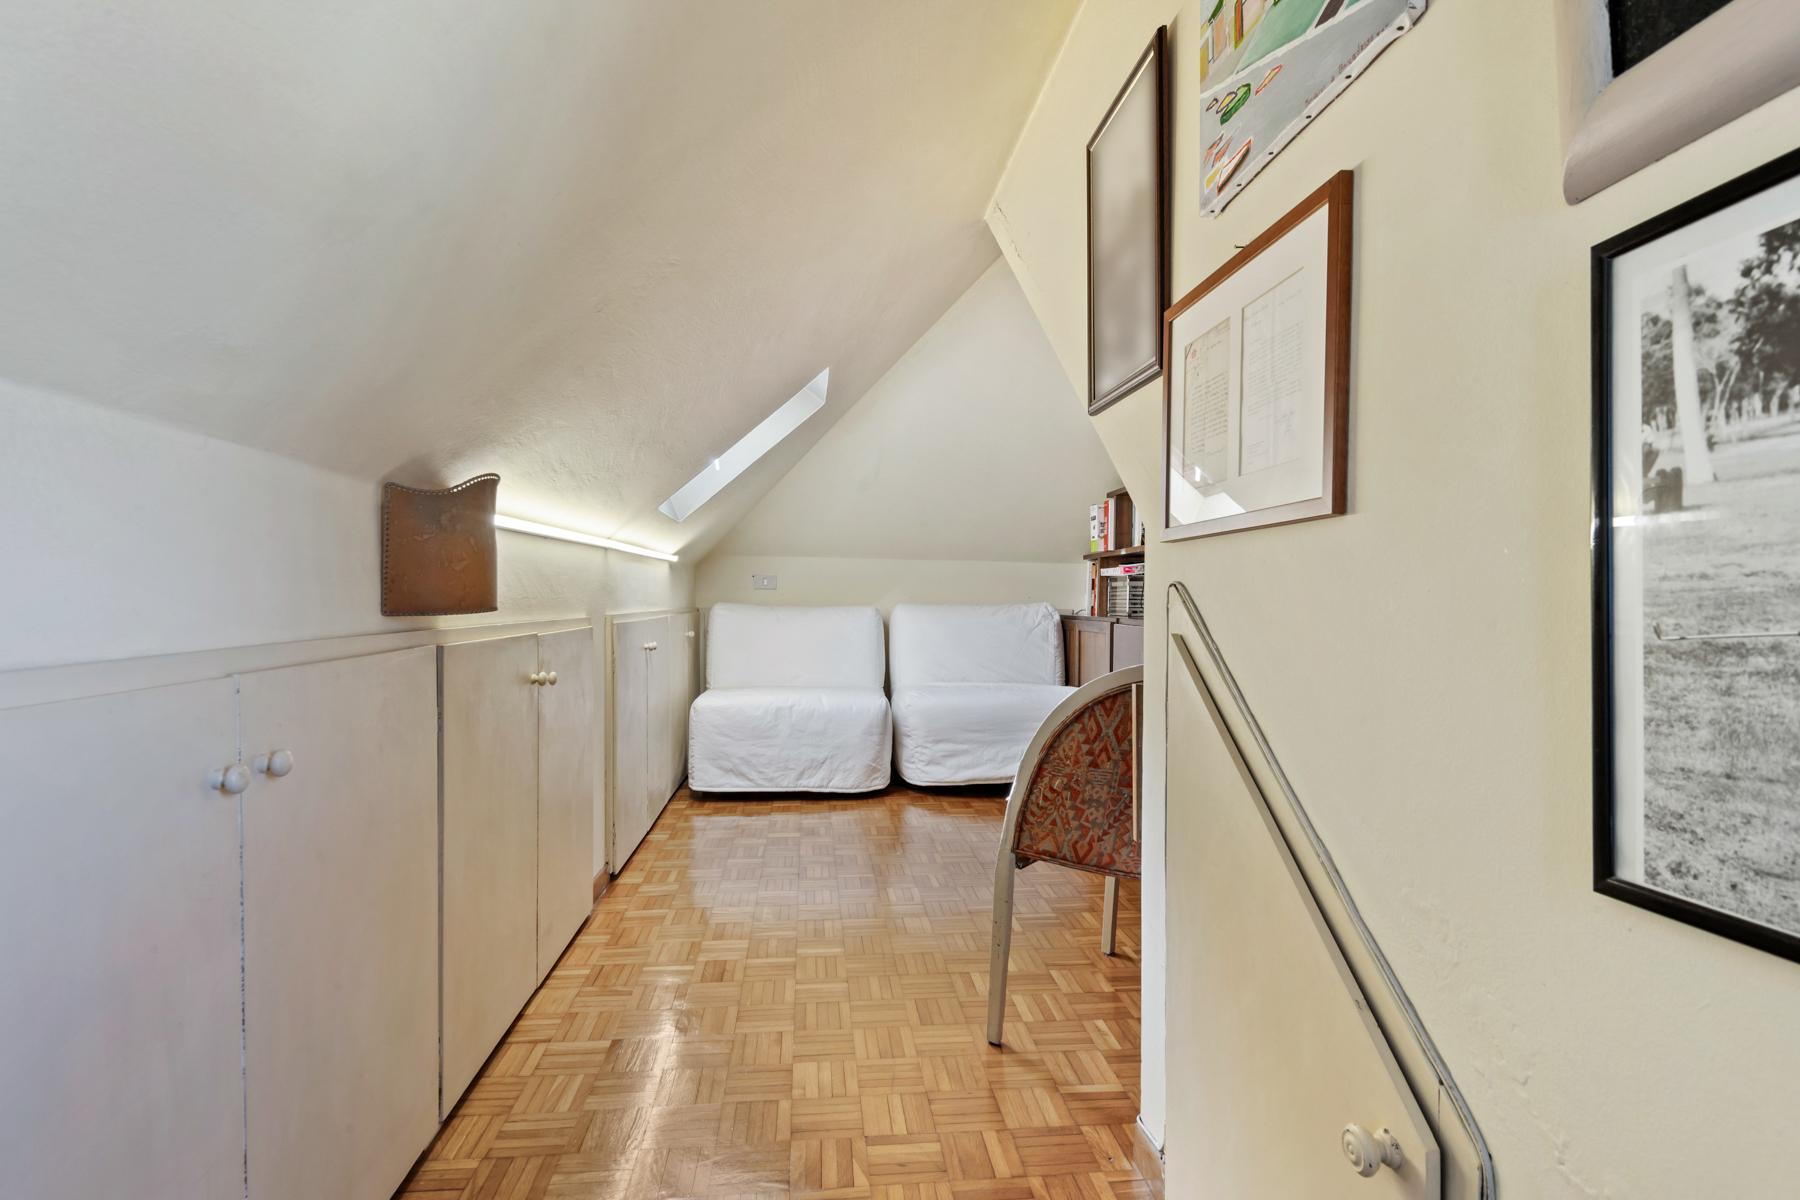 Casa indipendente in Vendita a Genova: 5 locali, 150 mq - Foto 9